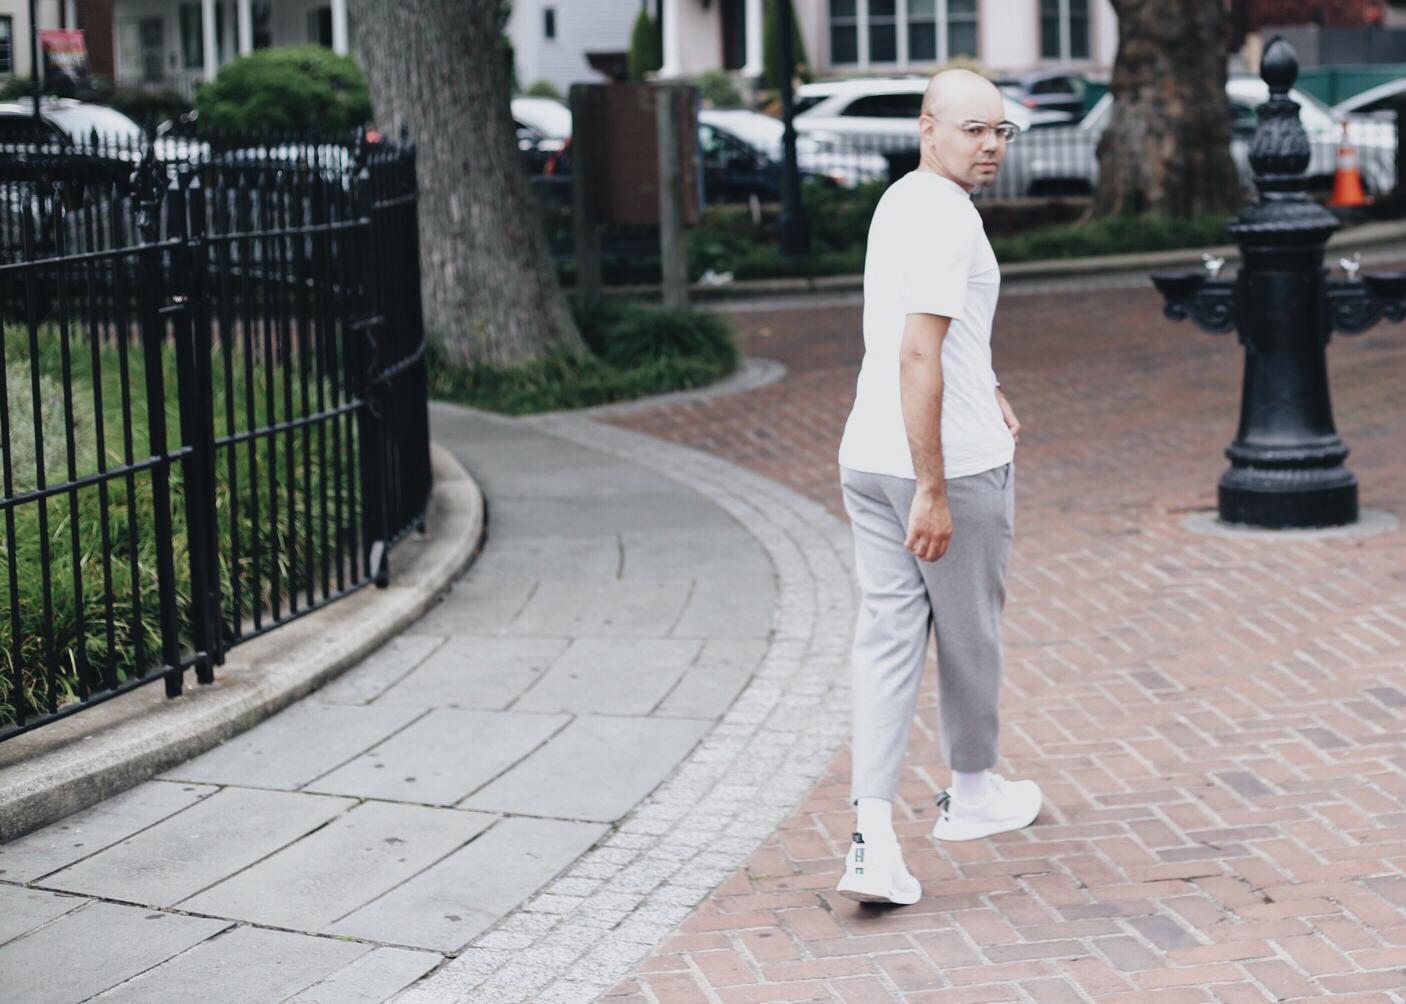 grey-wool-pants-white-shirt-walk-away.jpg